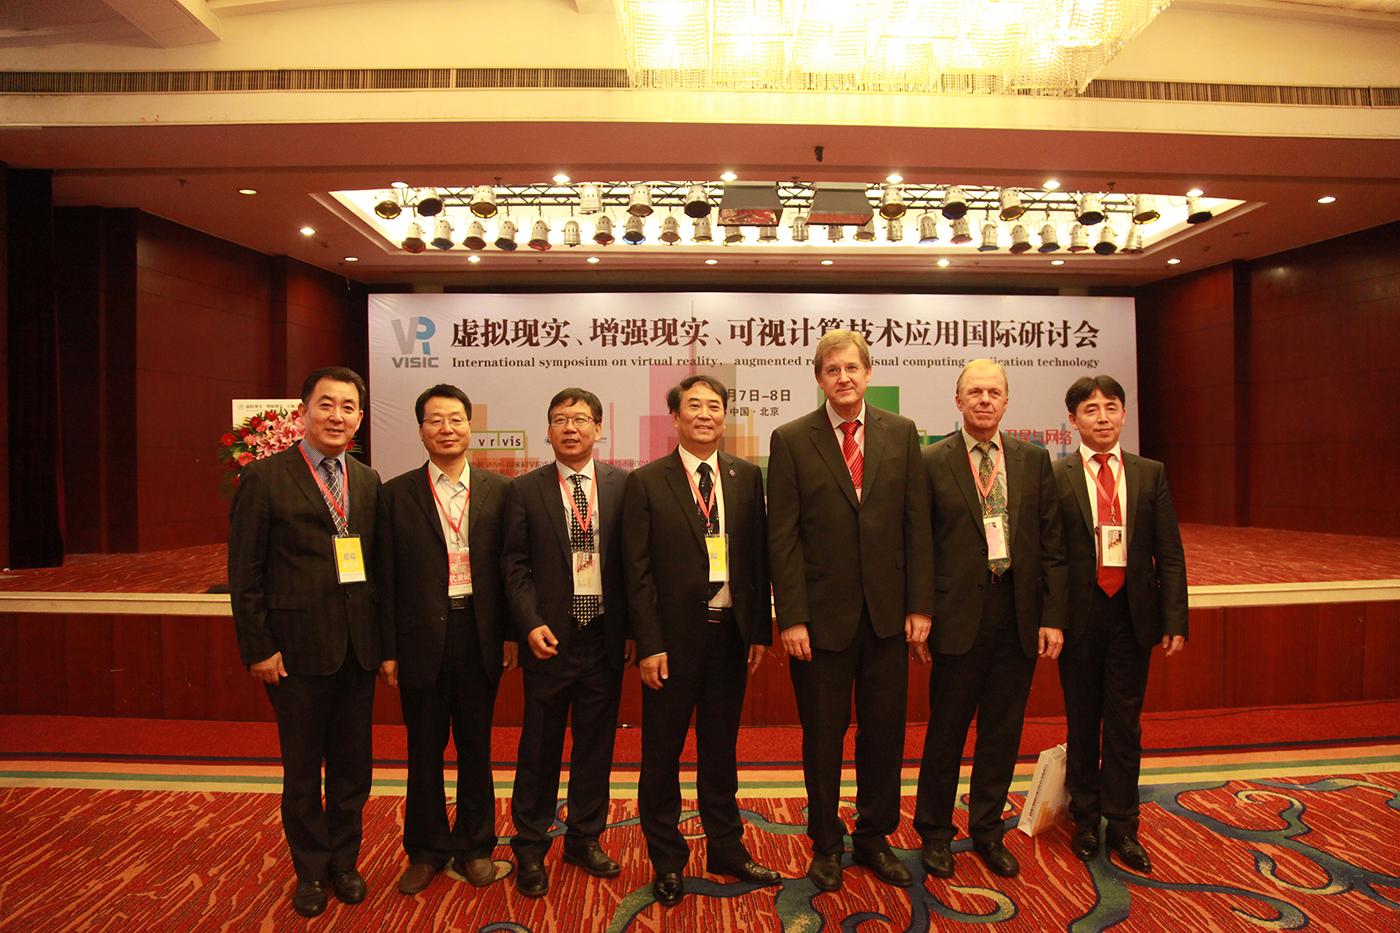 首届虚拟现实增强现实可视计算技术应用国际研讨会在京举行